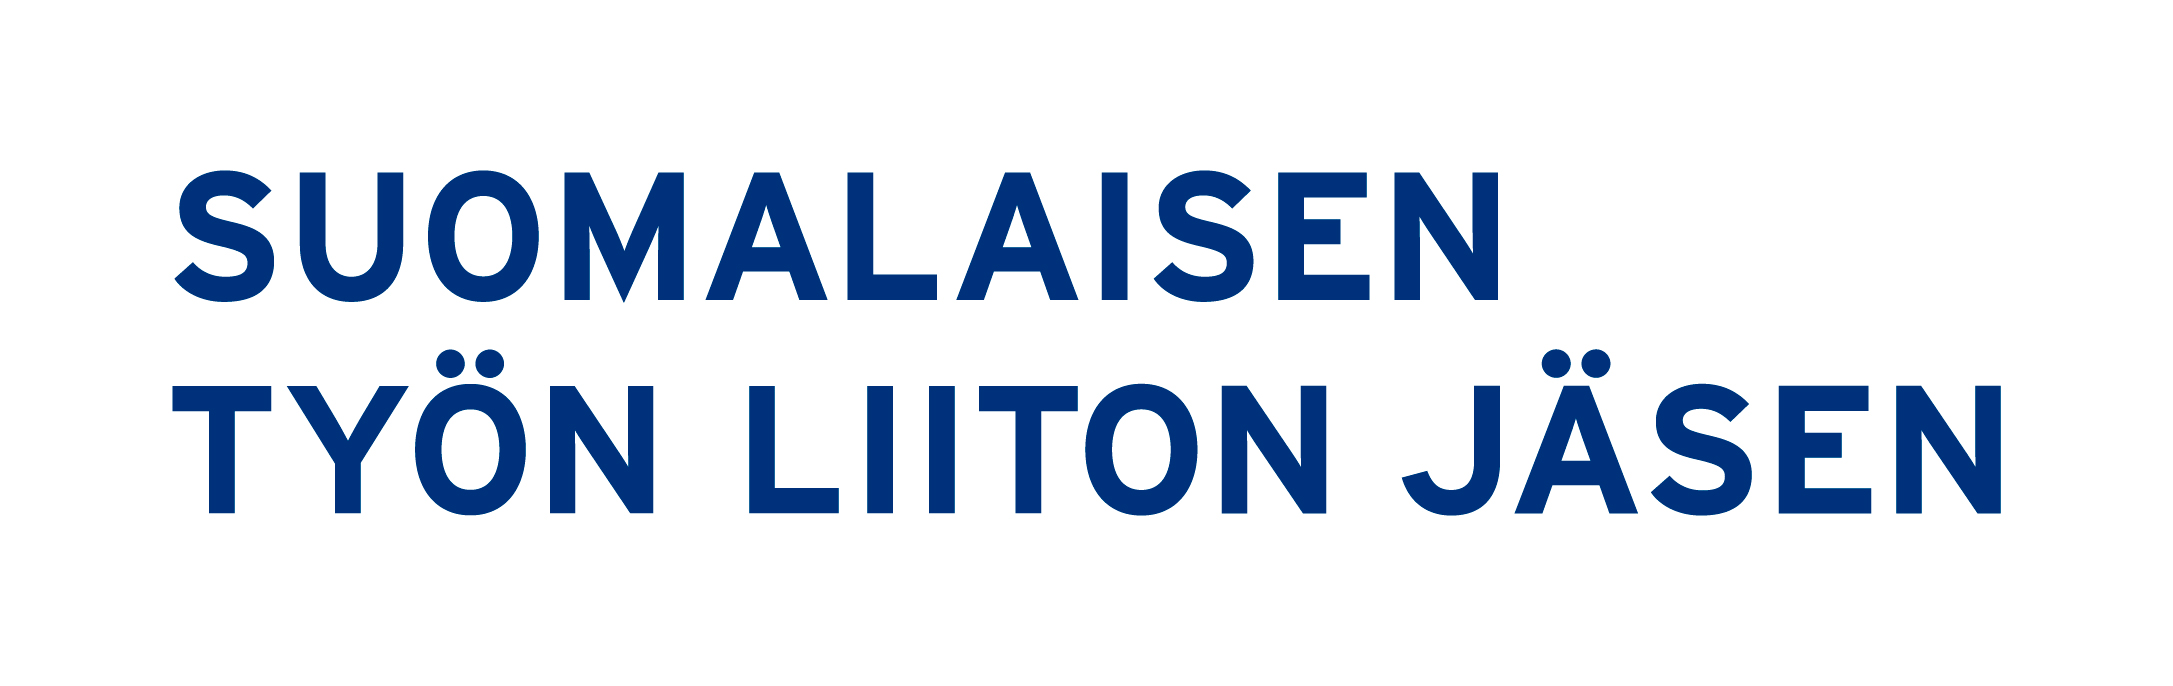 Uuva on ylpeästi Suomalaisen Työn Liiton jäsen